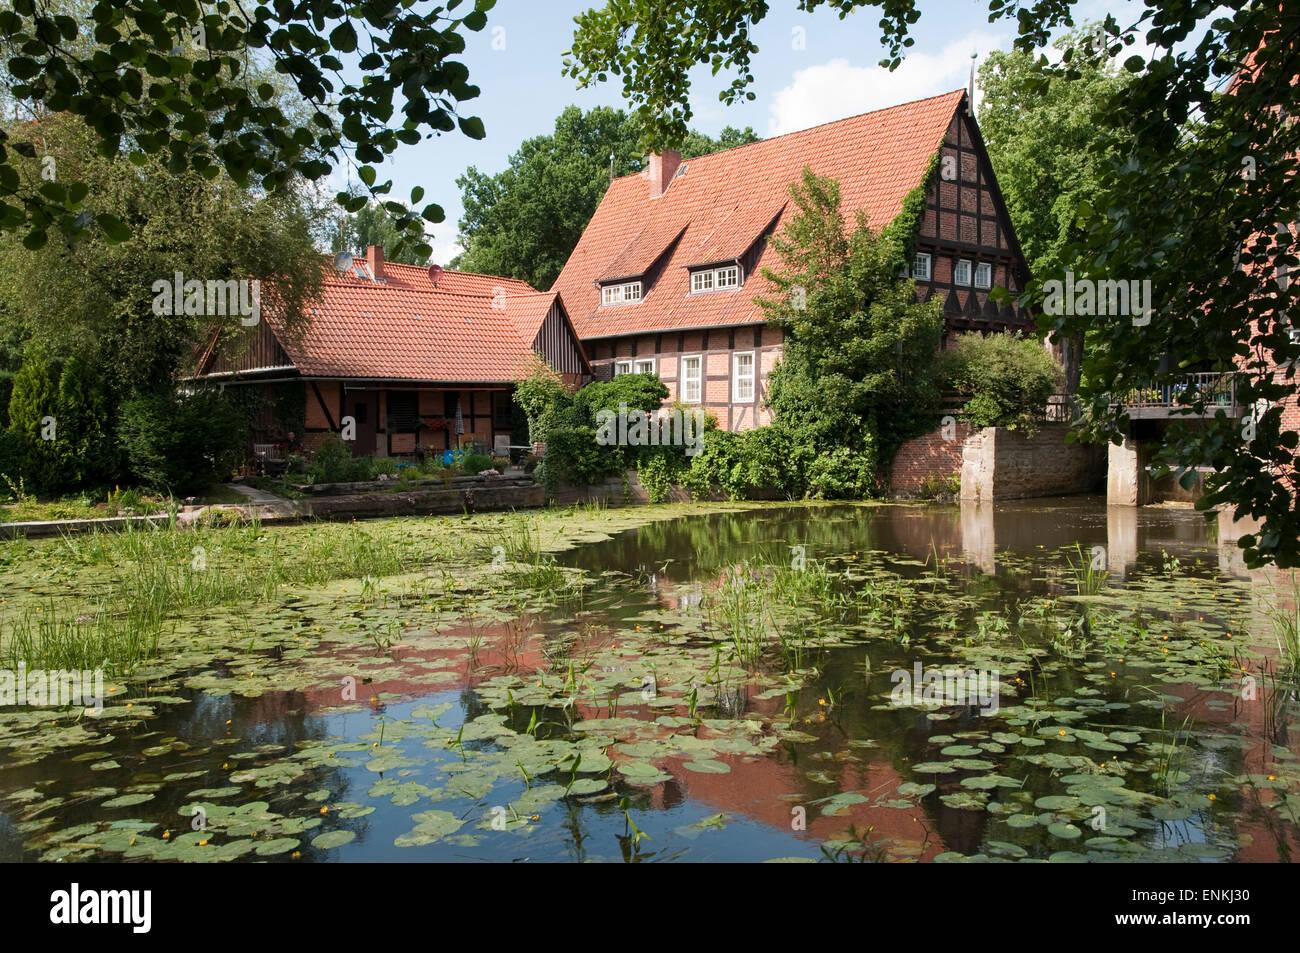 Alte Wassermuehle, Kloster Wienhausen, Niedersachsen, Deutschland |  Old watermill, Abbey Wienhausen, Lower Saxony, - Stock Image